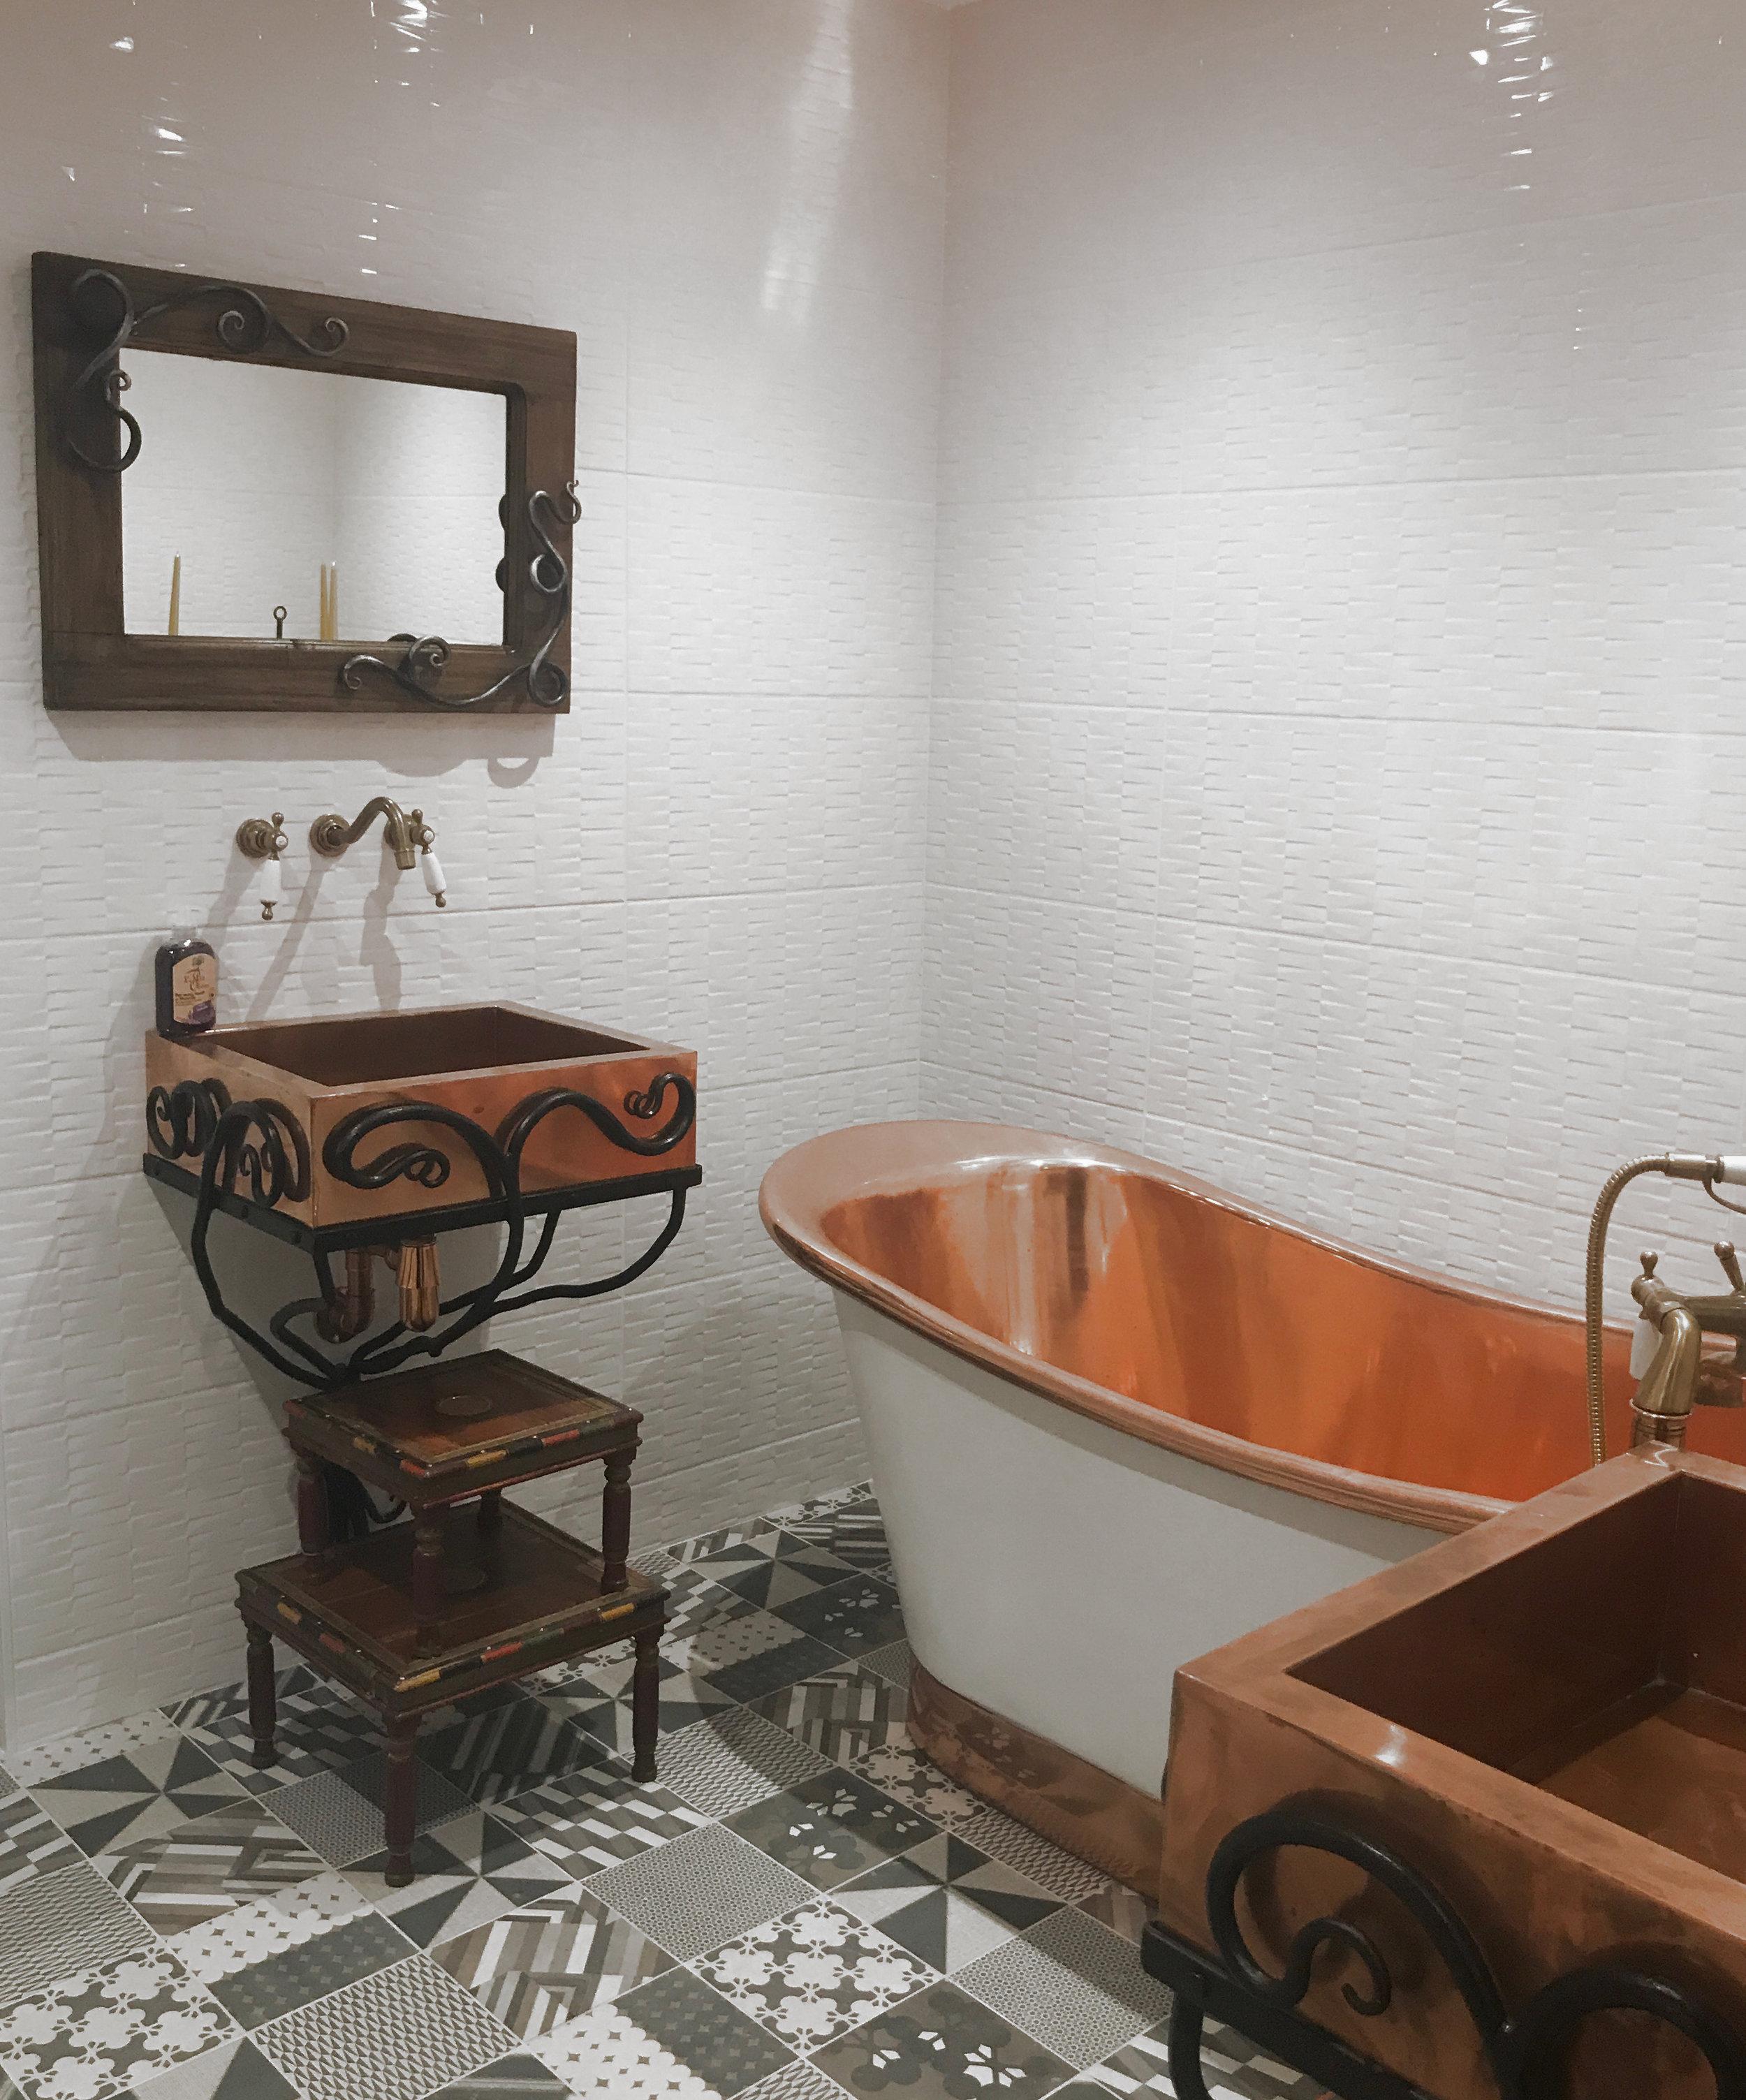 agay bath 33.jpg